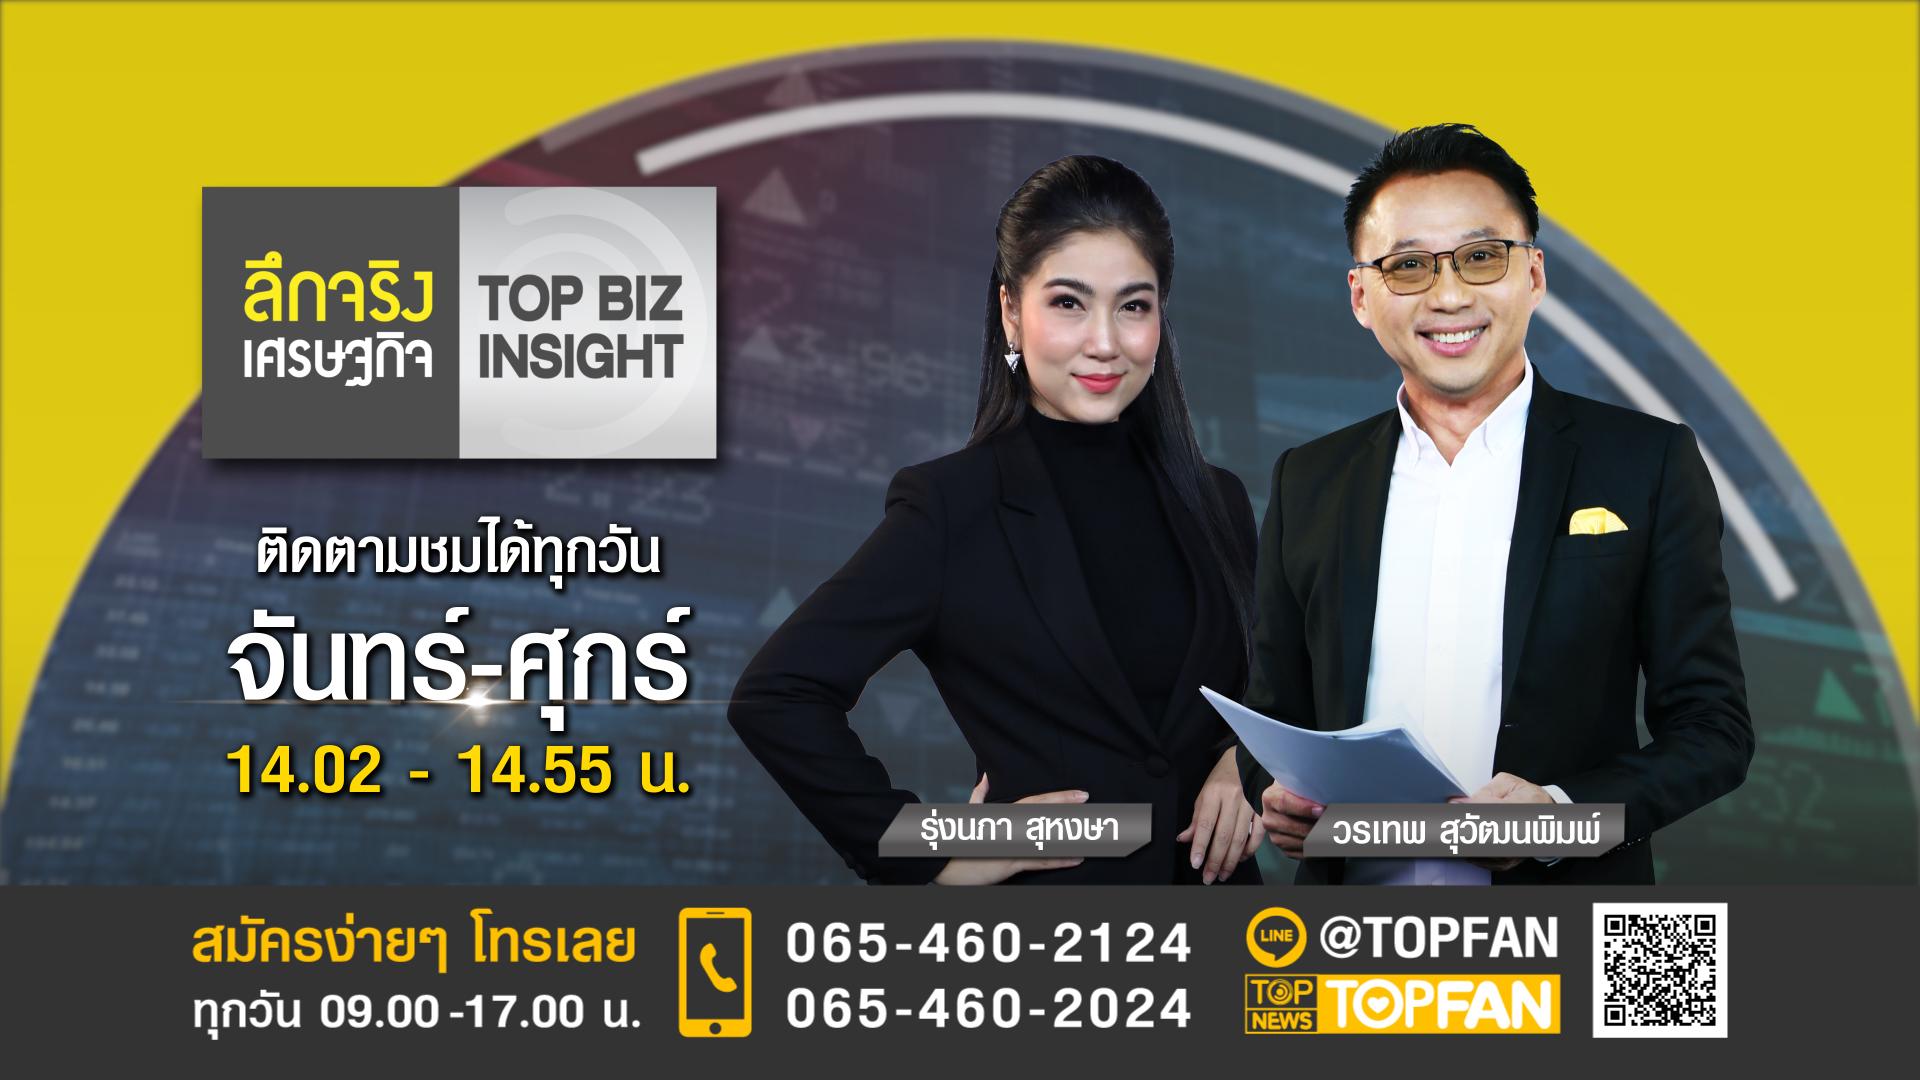 ลึกจริงเศรษฐกิจ : Top Biz Insight | 23 กันยายน 2564